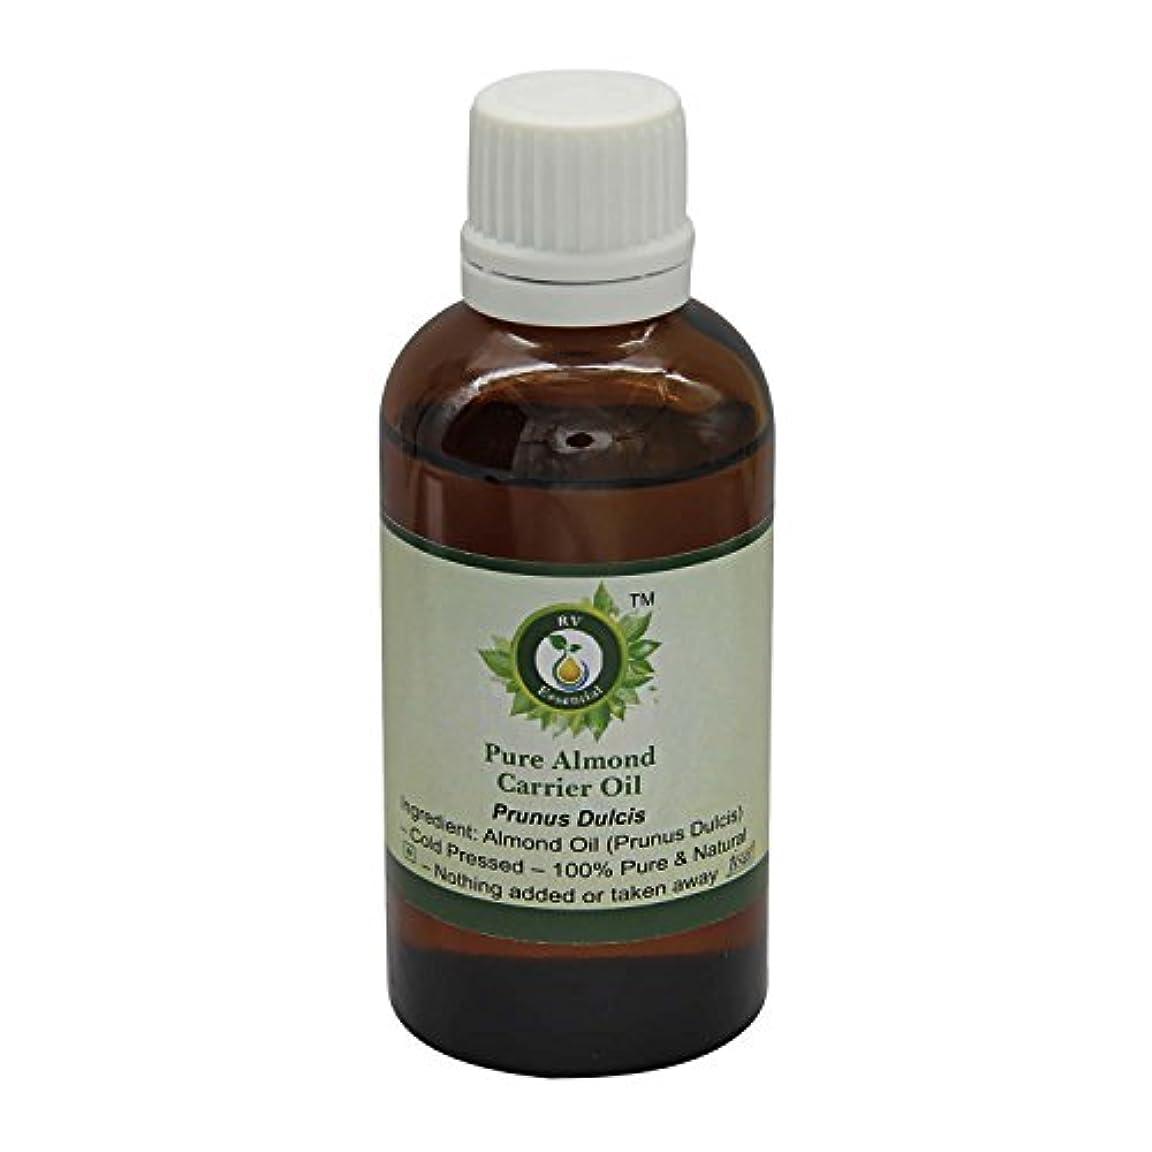 五十気づく手がかりR V Essential 純粋なアーモンドキャリアオイル50ml (1.69oz)- Prunus Dulcis (100%ピュア&ナチュラルコールドPressed) Pure Almond Carrier Oil